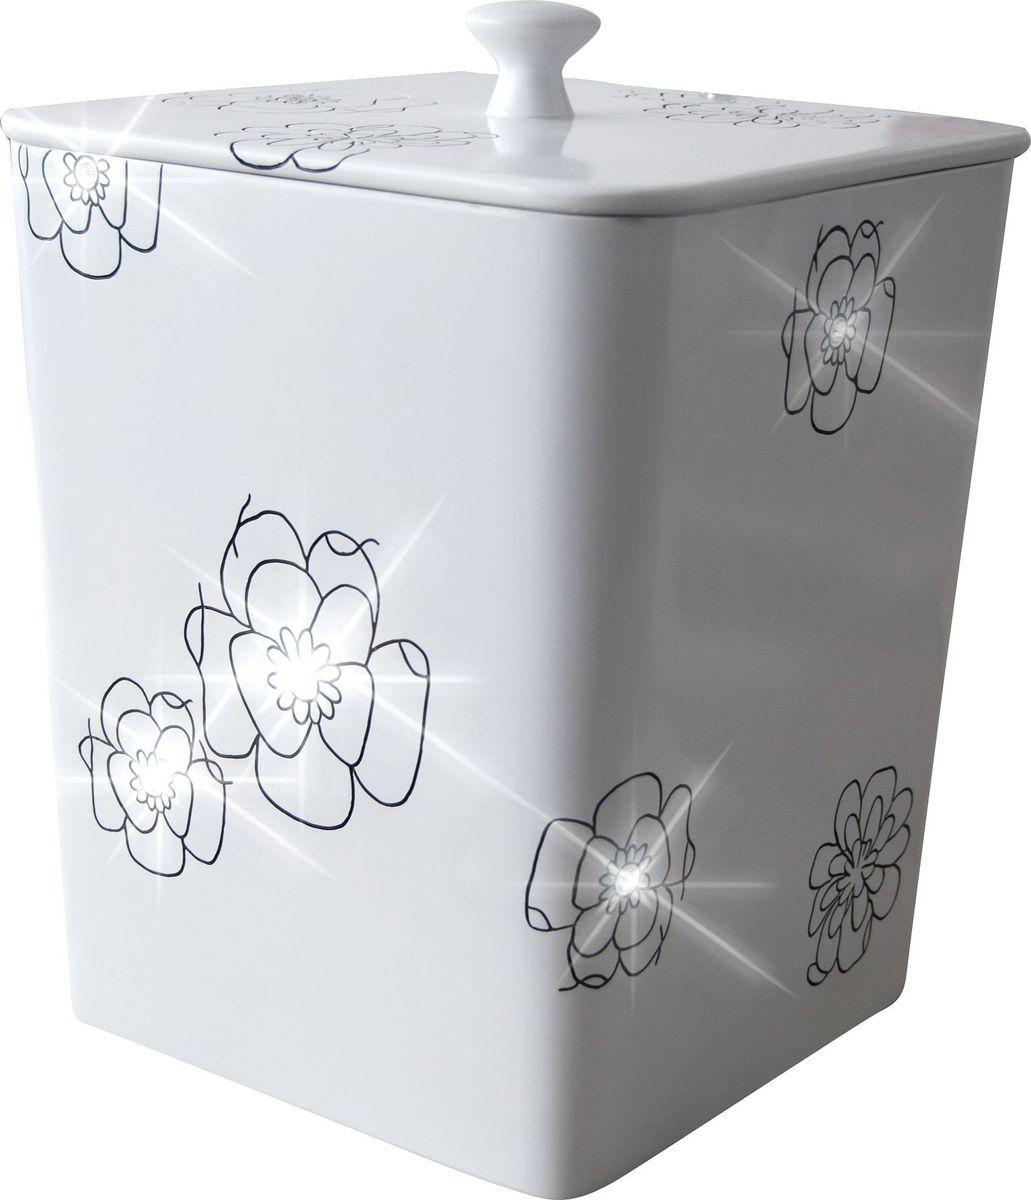 Ведро мусорное Ridder Diamond, цвет: белый, 8,5 лES-412Высококачественные немецкие аксессуары для ванных комнат. Данная серия изготавливается из полирезина. Экологичный полирезин - это твердый многокомпонентный материал на основе синтетической смолы,с добавлением каменной крошки и красящих пигментов Объем: 8,5 л.